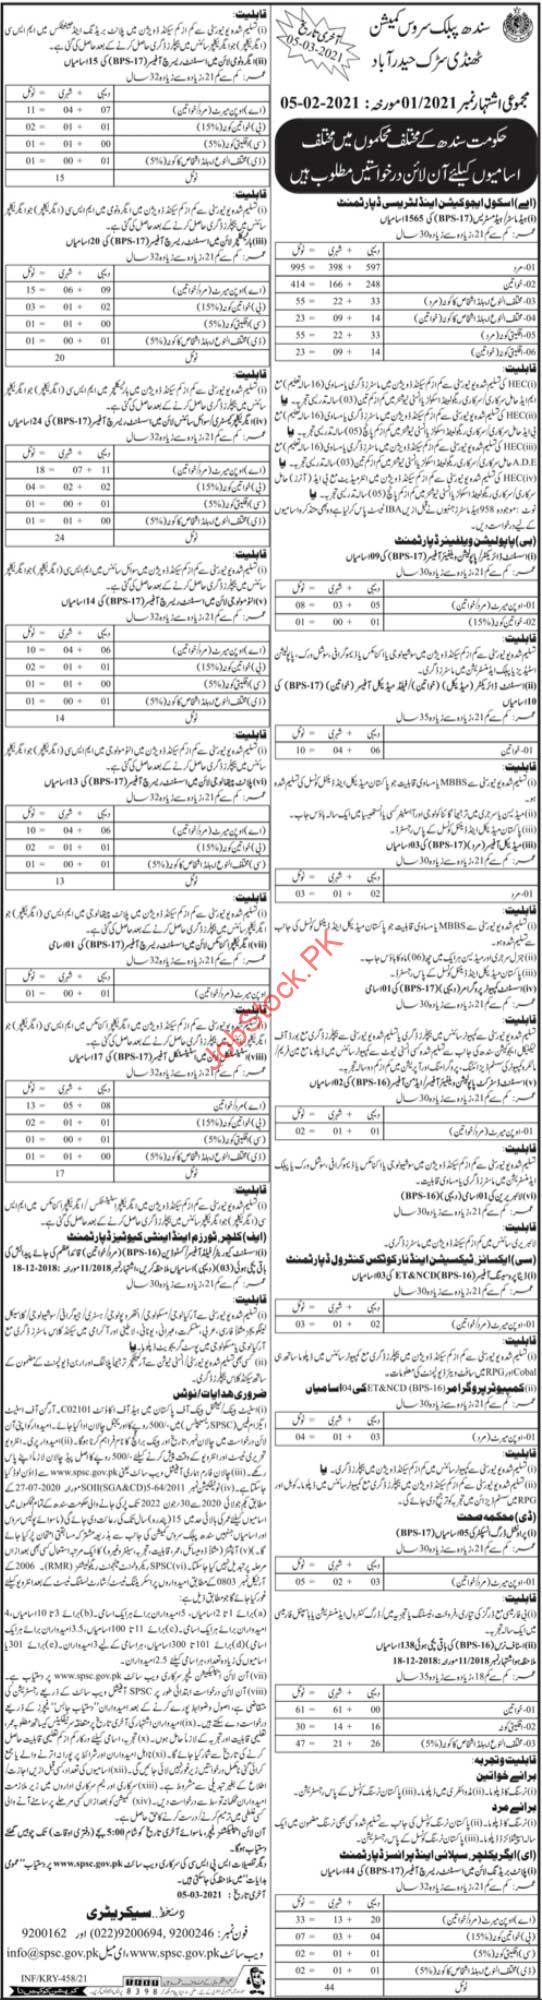 Sindh Public Service Commission (spsc) Jobs 2021 Latest